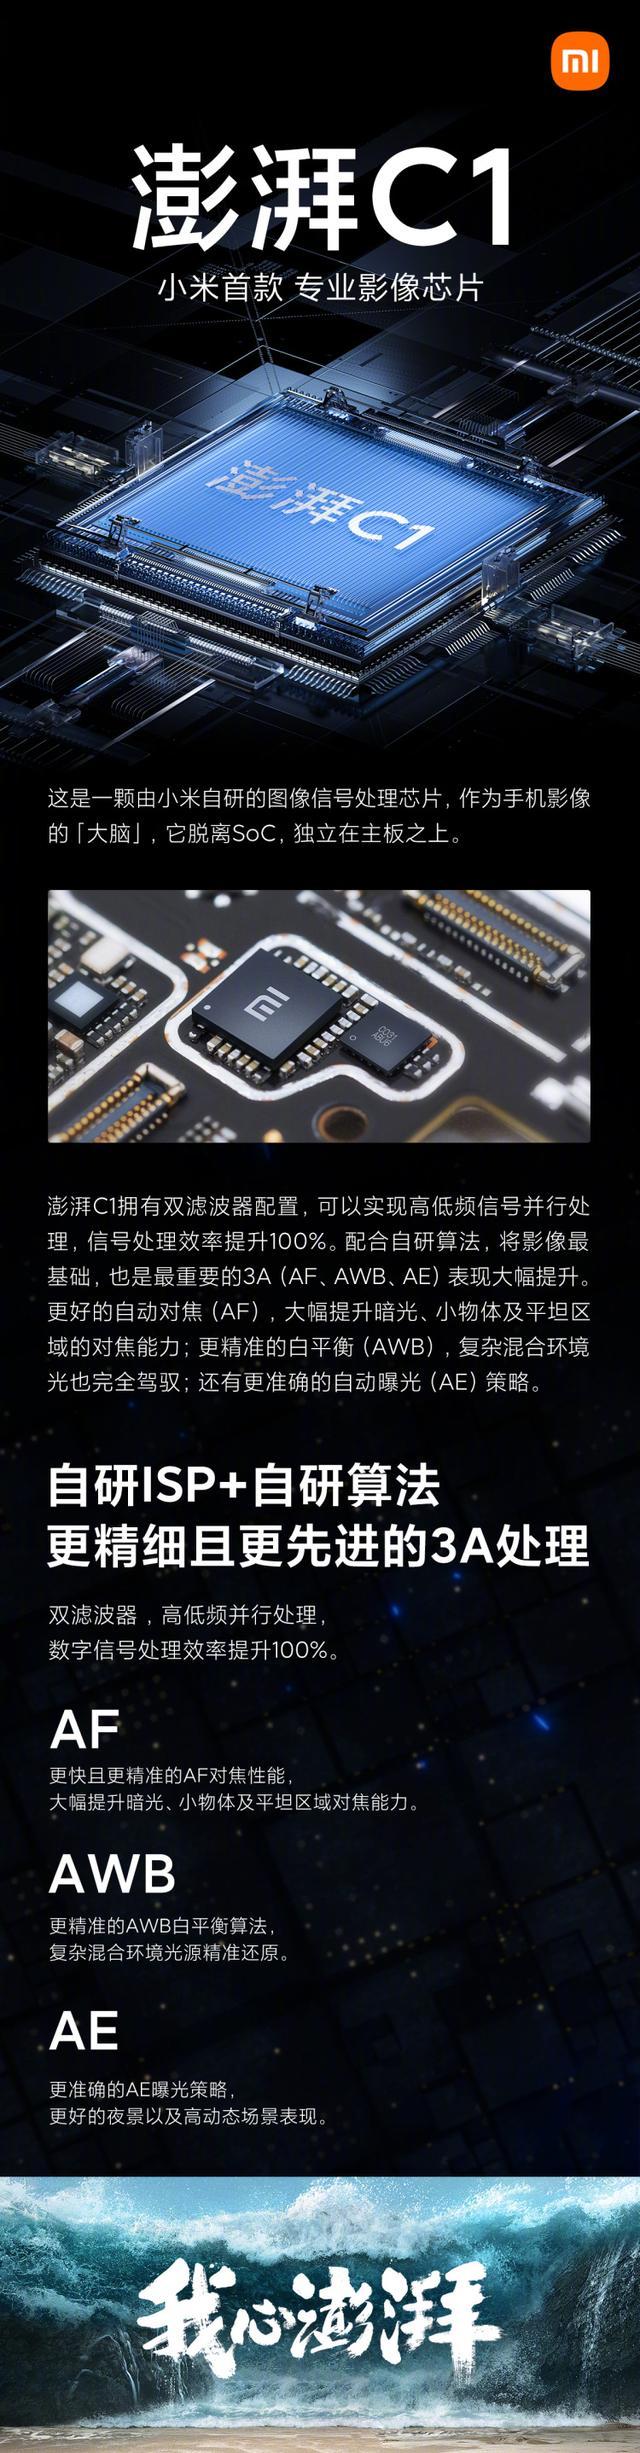 澎湃C1小米芯片一小步  技术追求和梦想的一大步